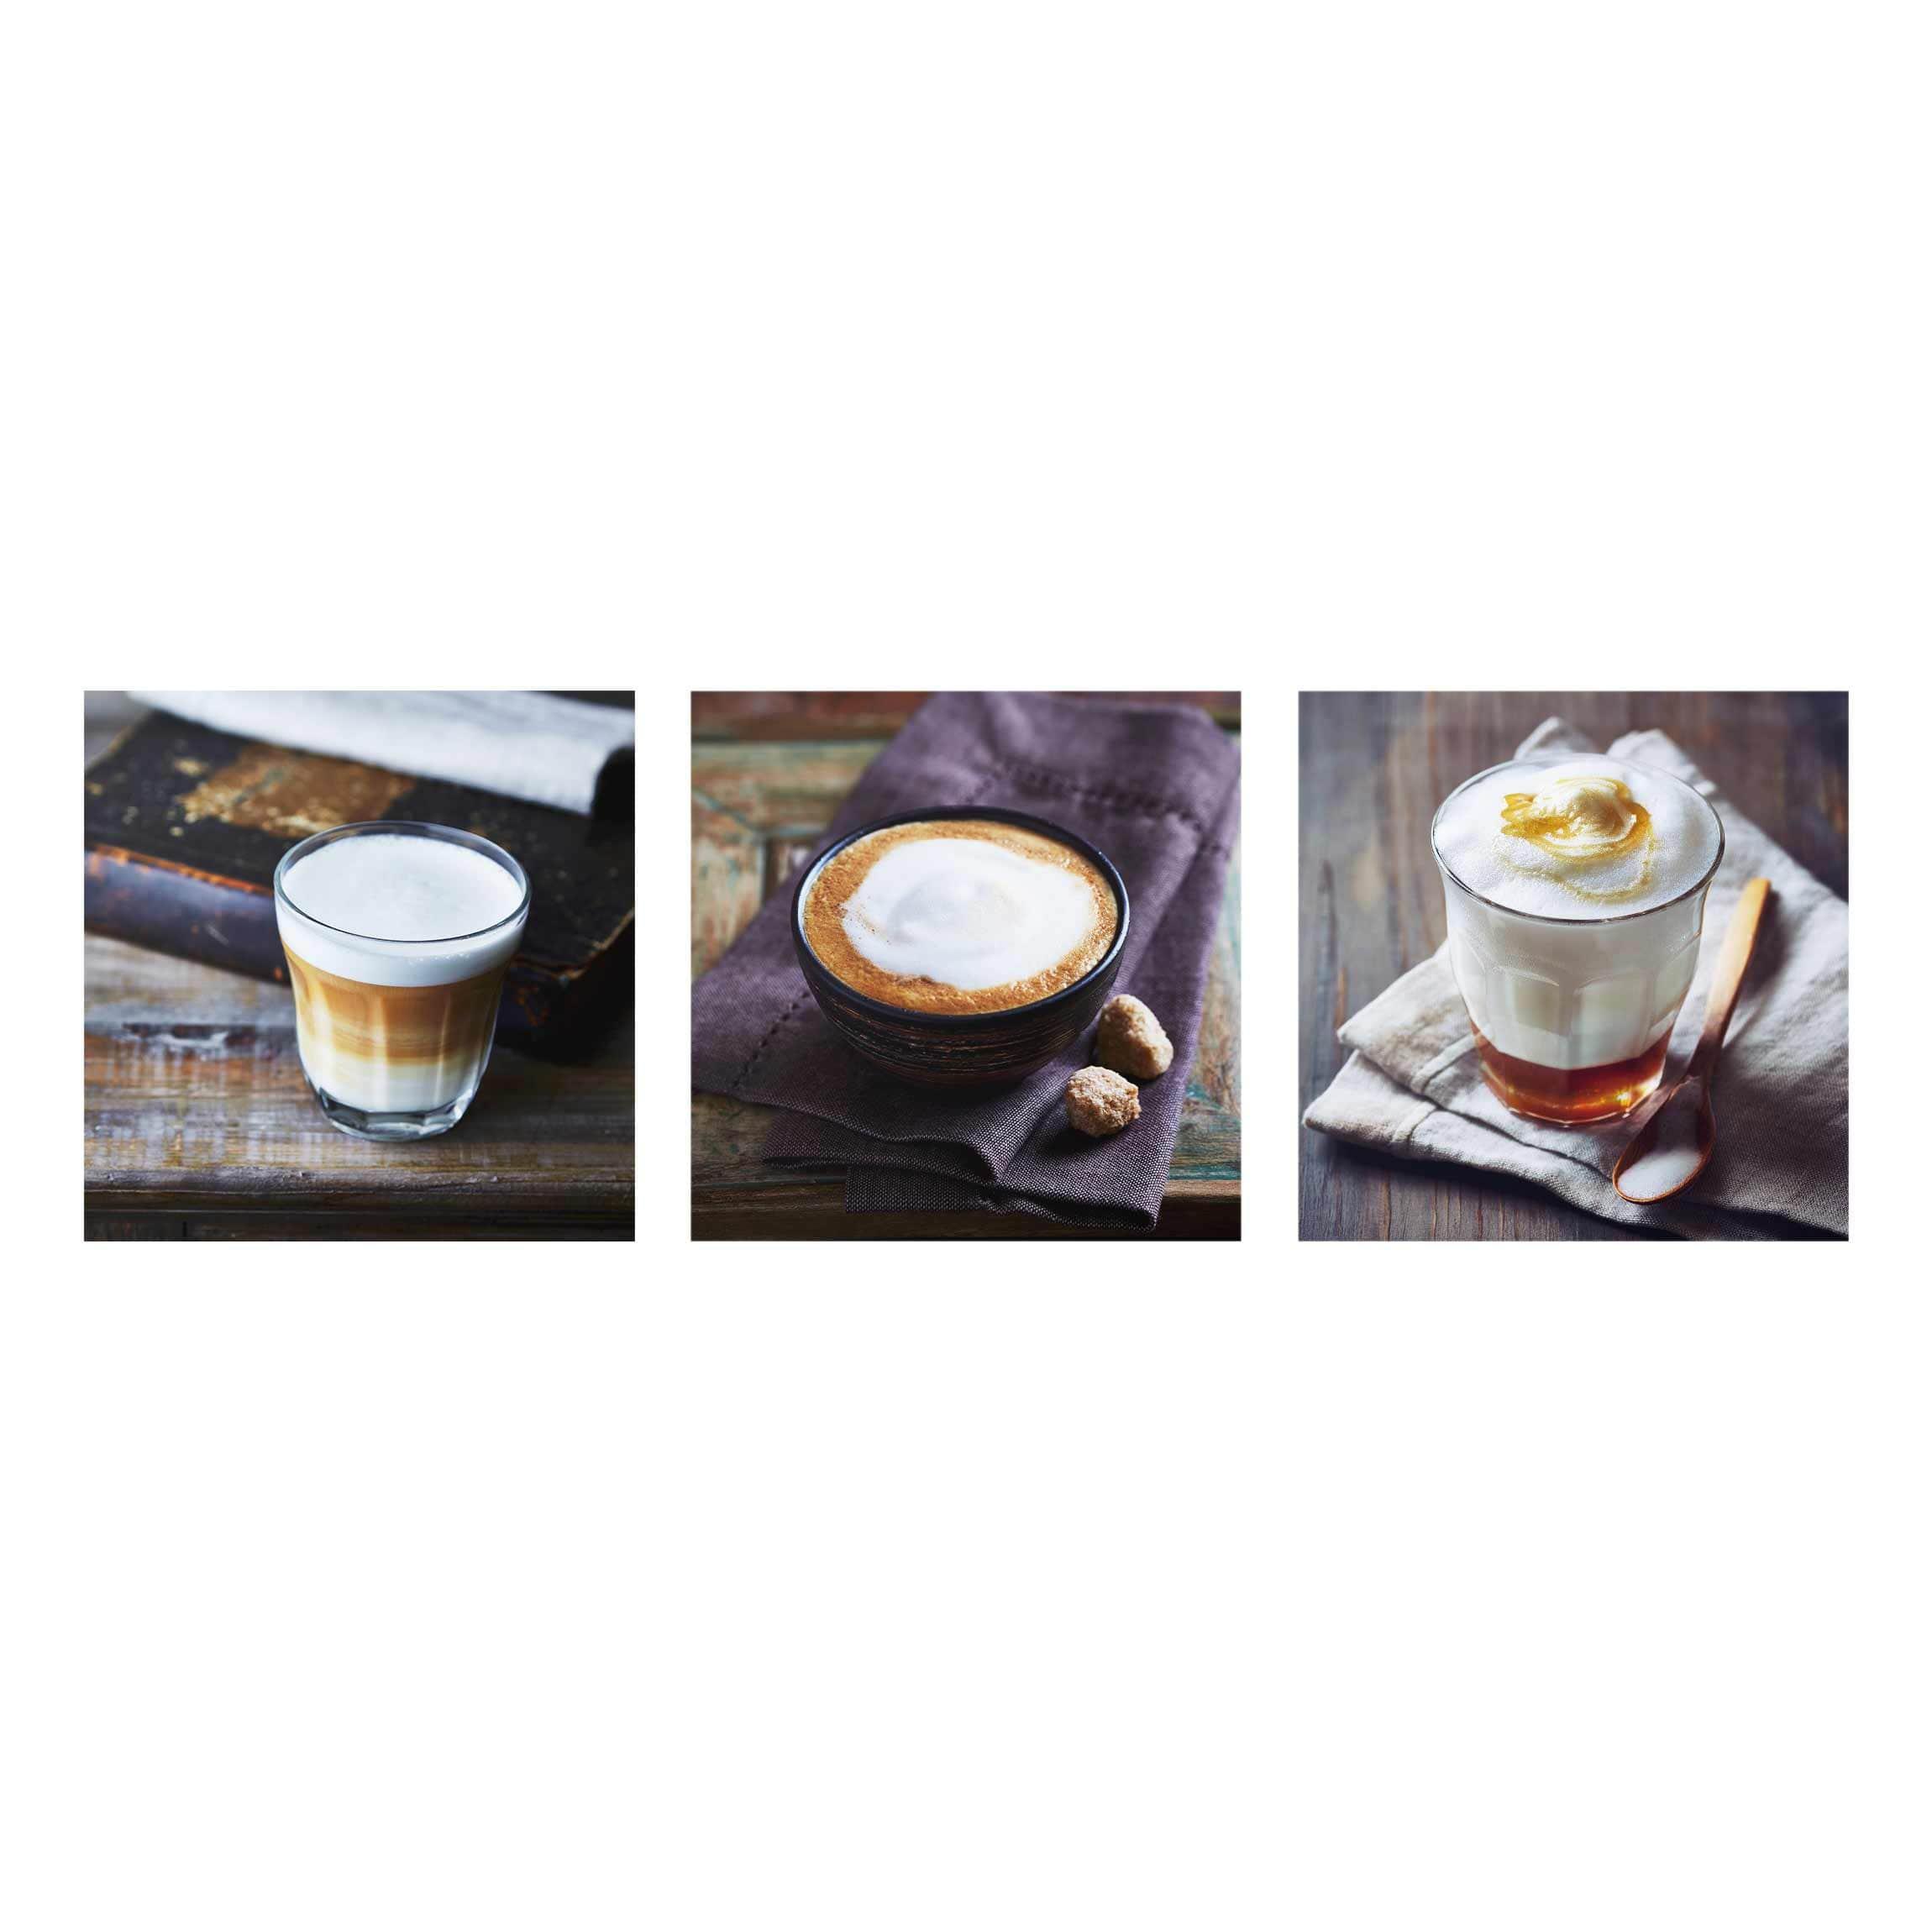 glasbild caff latte 3 teilig. Black Bedroom Furniture Sets. Home Design Ideas